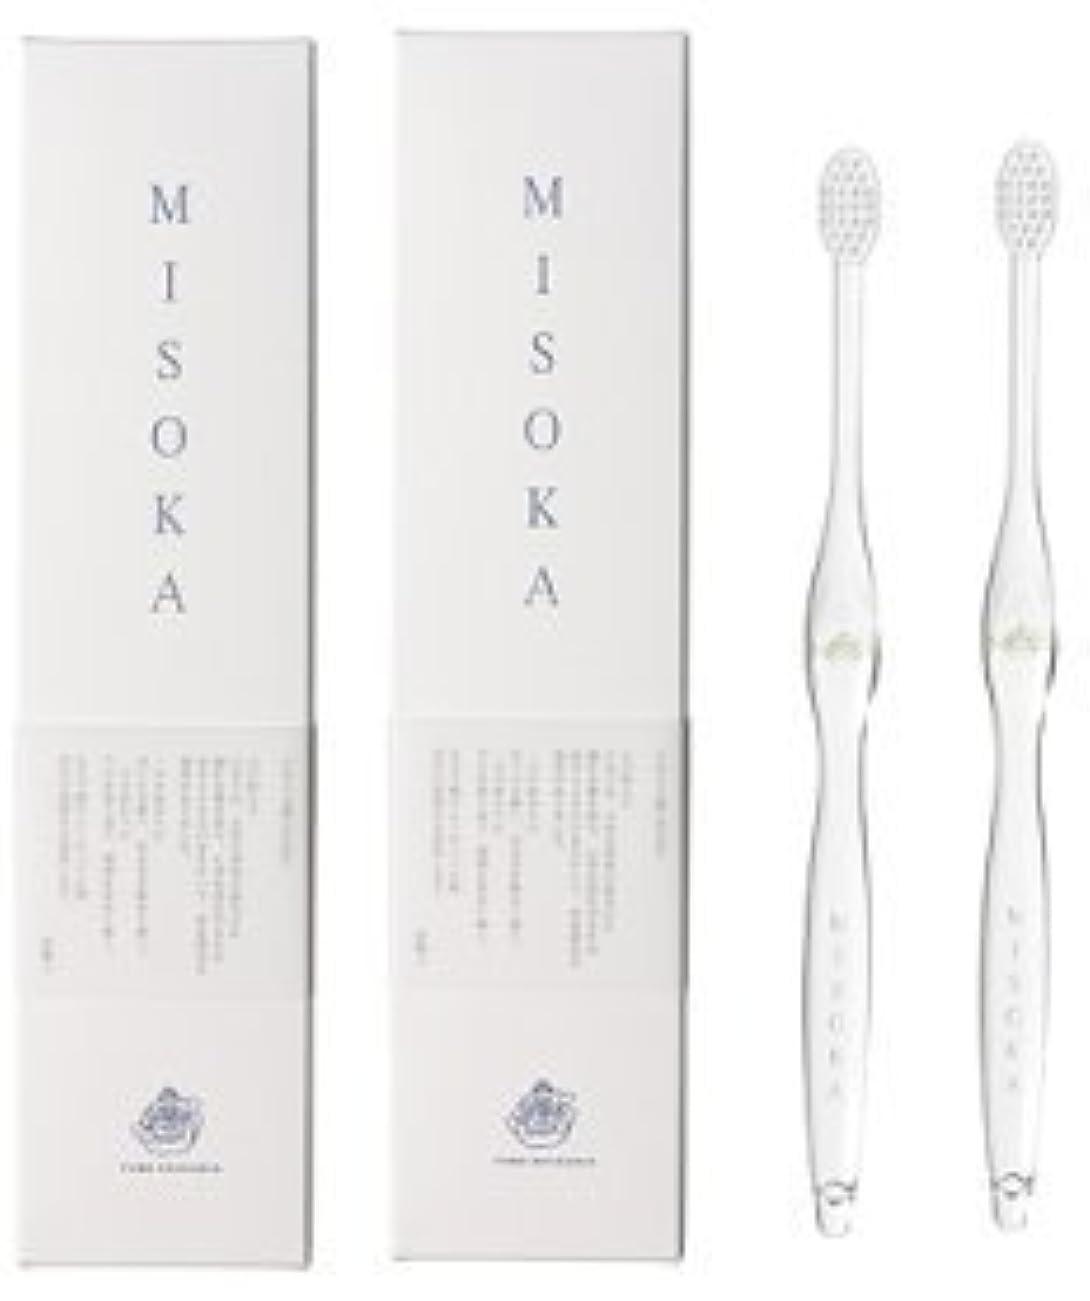 統治する作詞家支出MISOKA(ミソカ) 歯ブラシ 若草色 2本セット